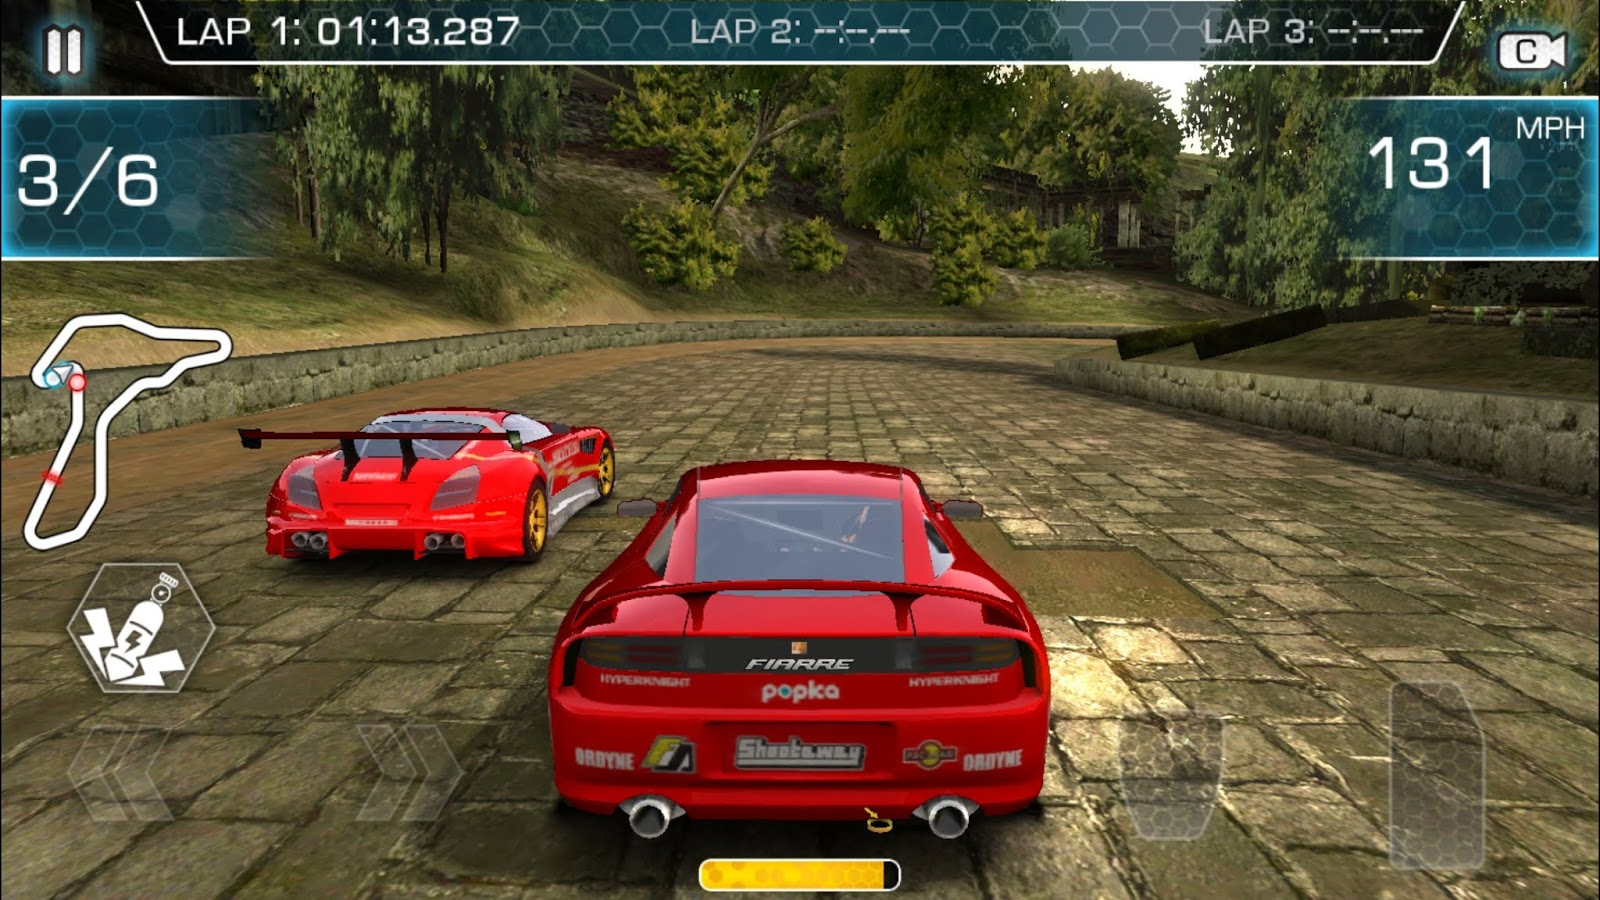 تحميل العاب سيارات Car Games للكمبيوتر والموبايل الاندرويد برابط